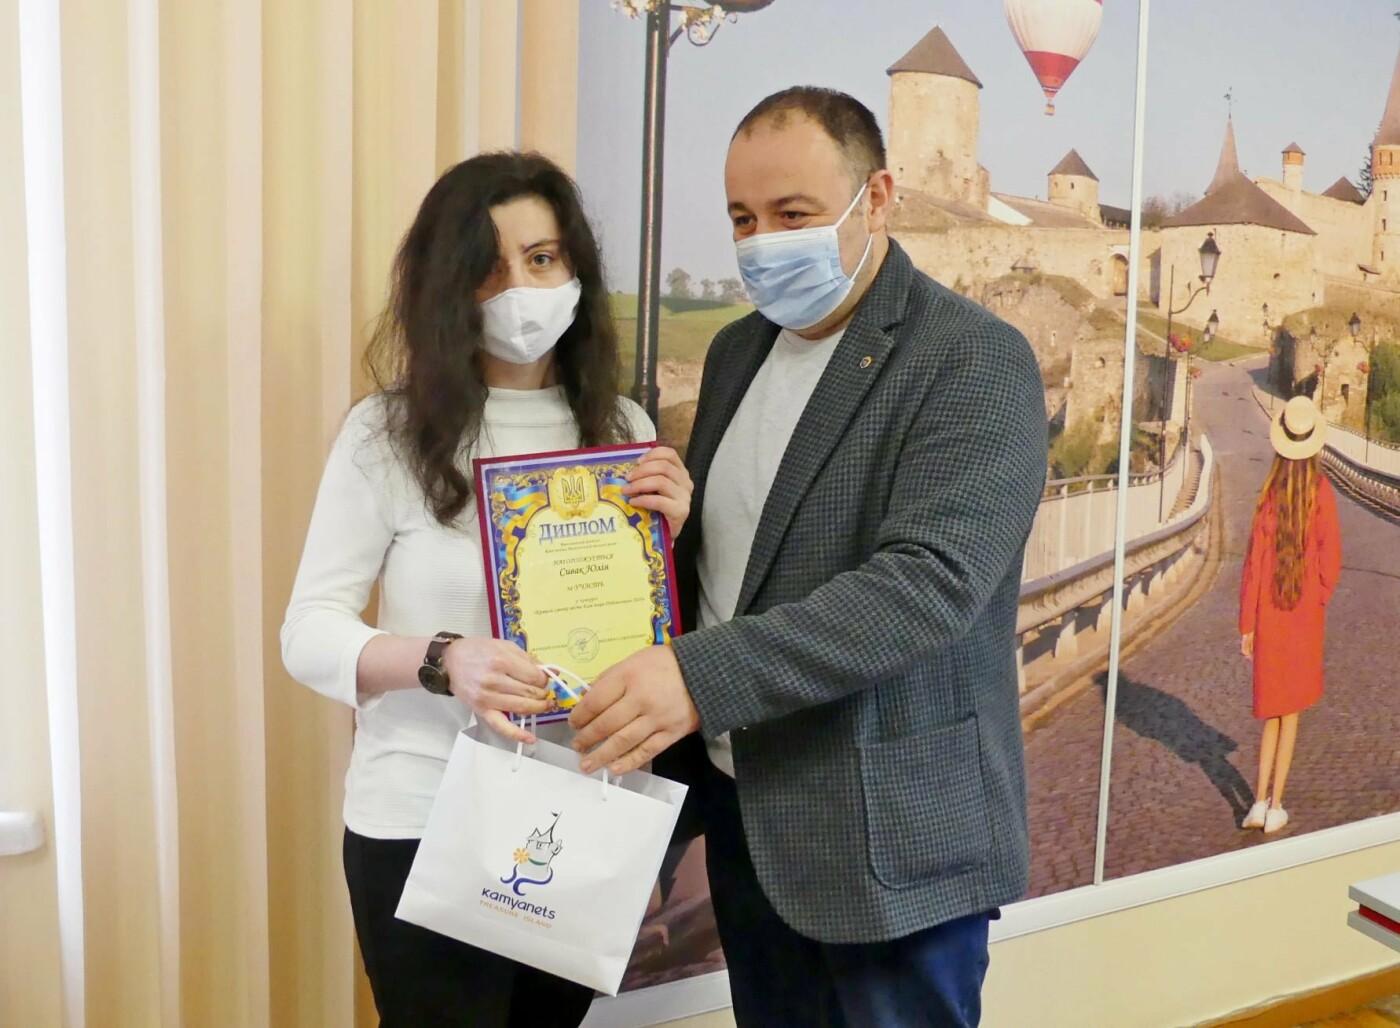 Нагородження учасників конкурсу, Фото: Кам'янець-Подільська міська рада